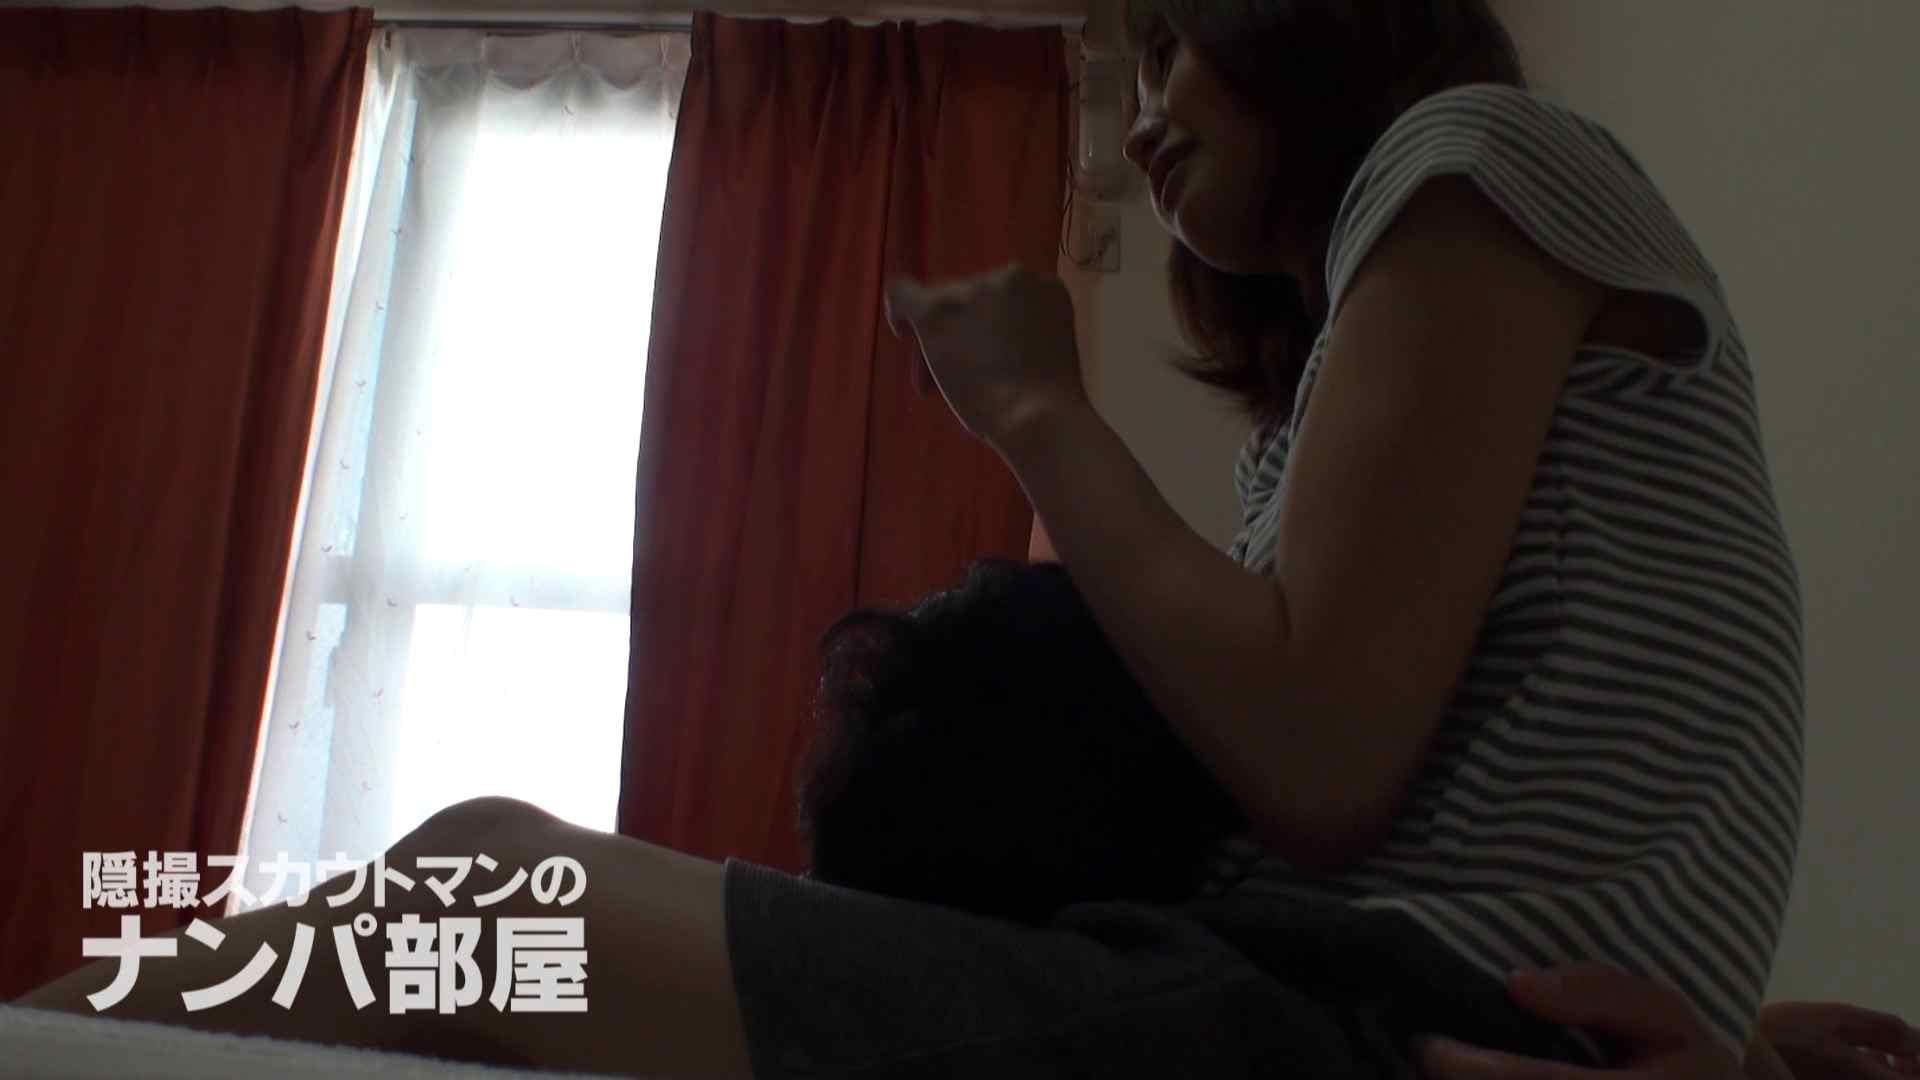 隠撮スカウトマンのナンパ部屋~風俗デビュー前のつまみ食い~ siivol.3 SEX | 隠撮  76pic